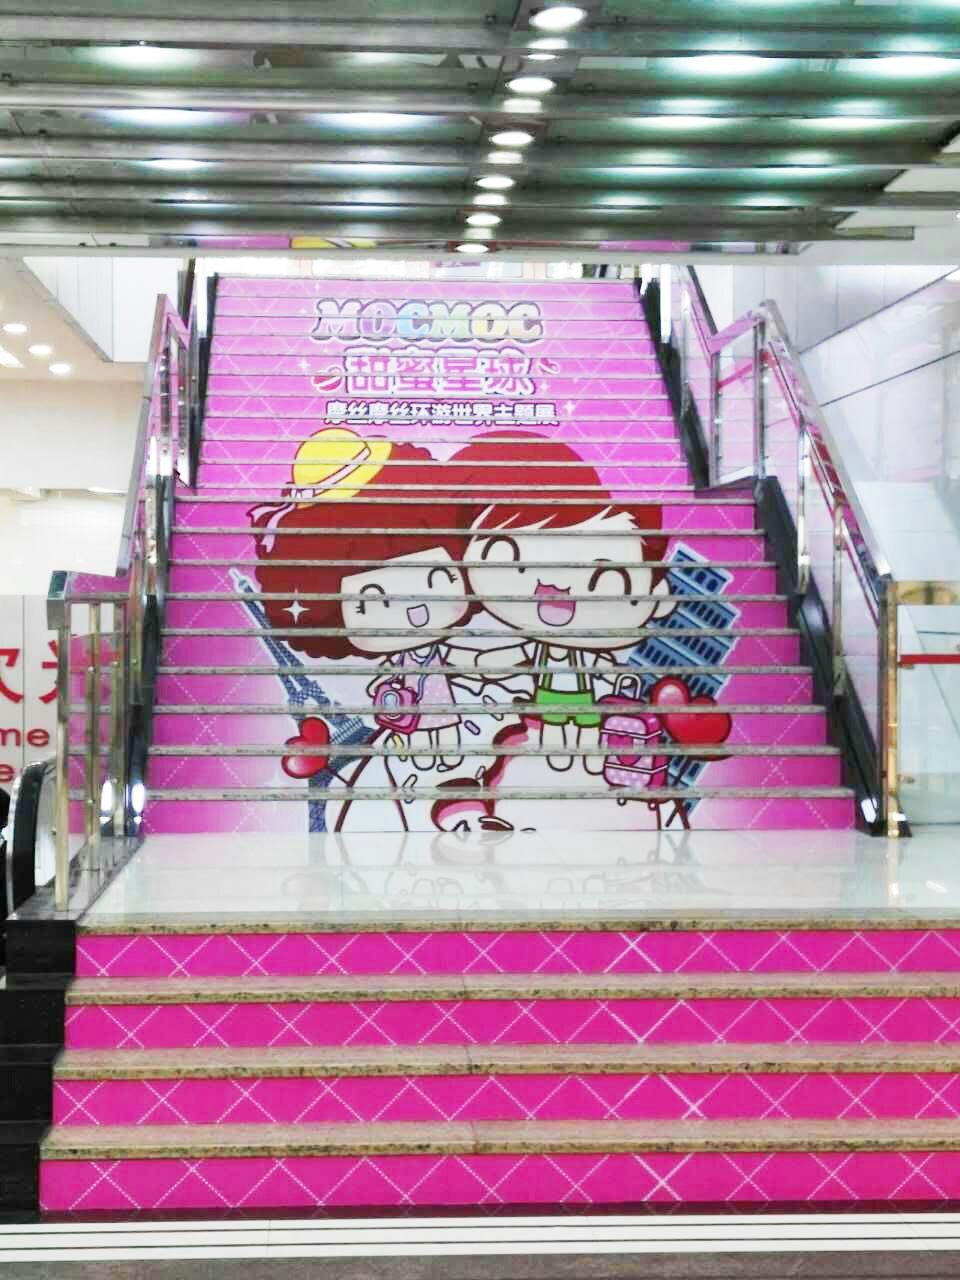 中华广场x摩丝摩丝甜蜜星球08.jpg